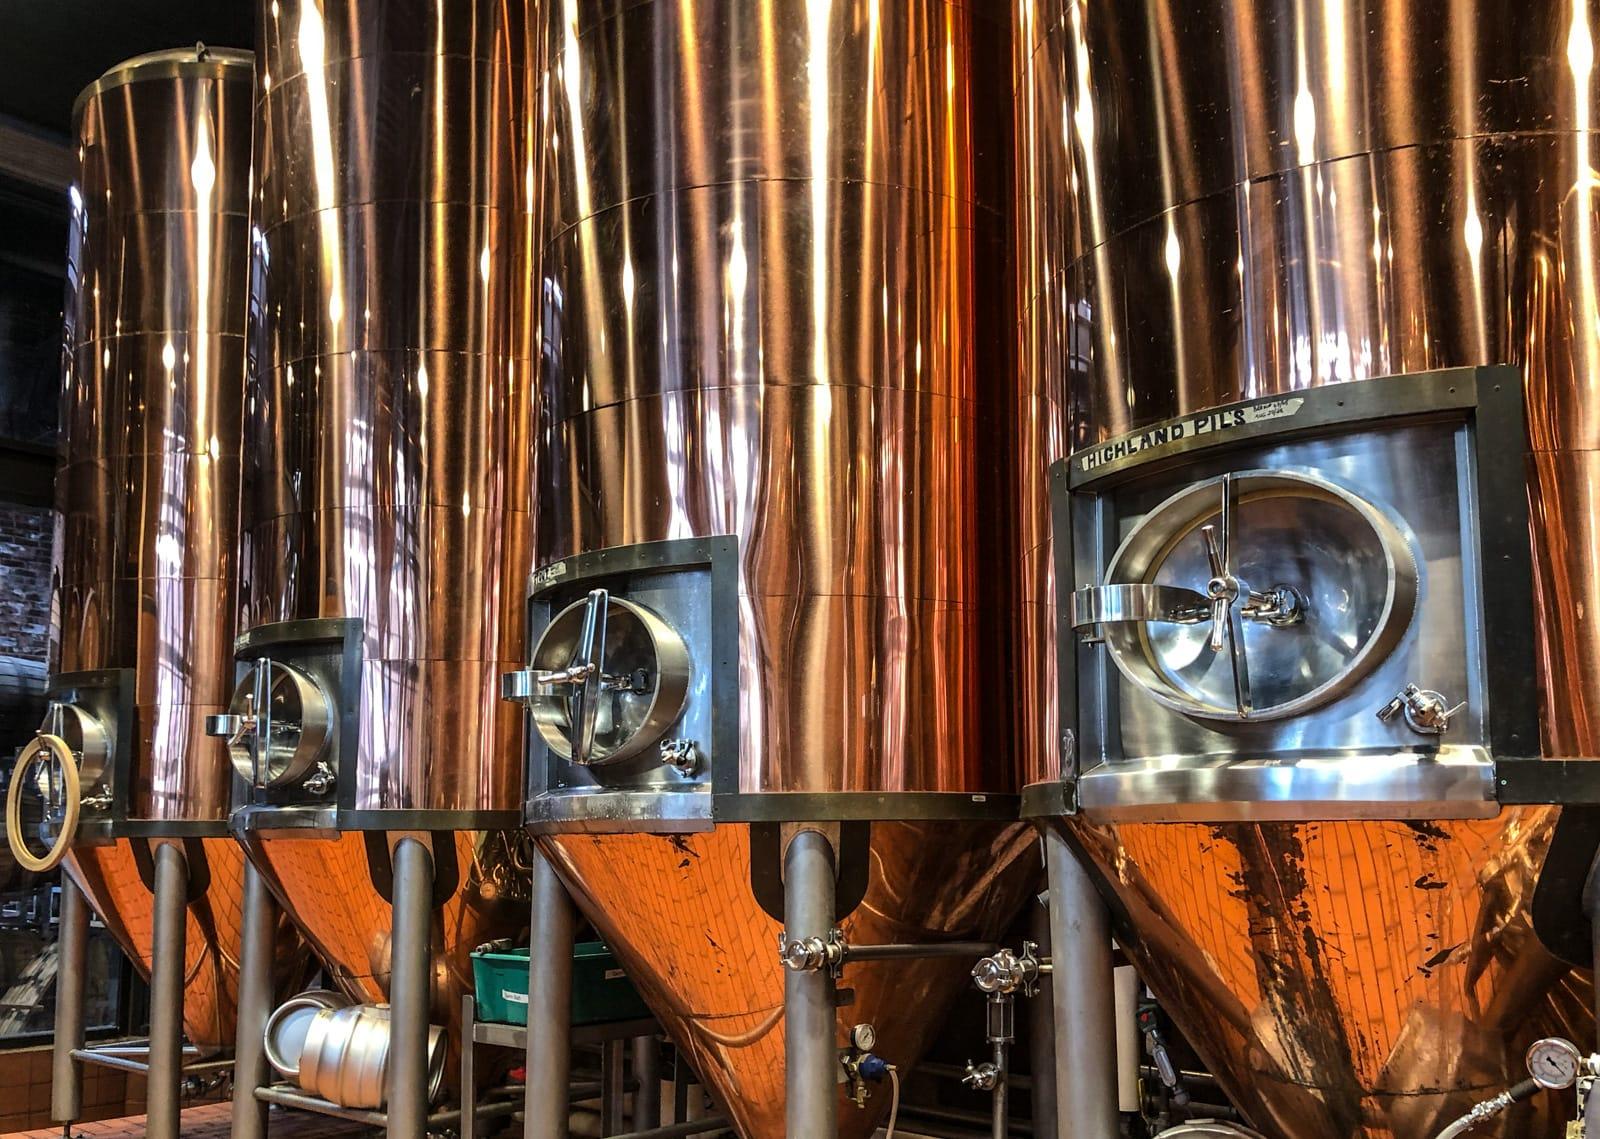 Braukessel in der Alexander Keith's Brewery